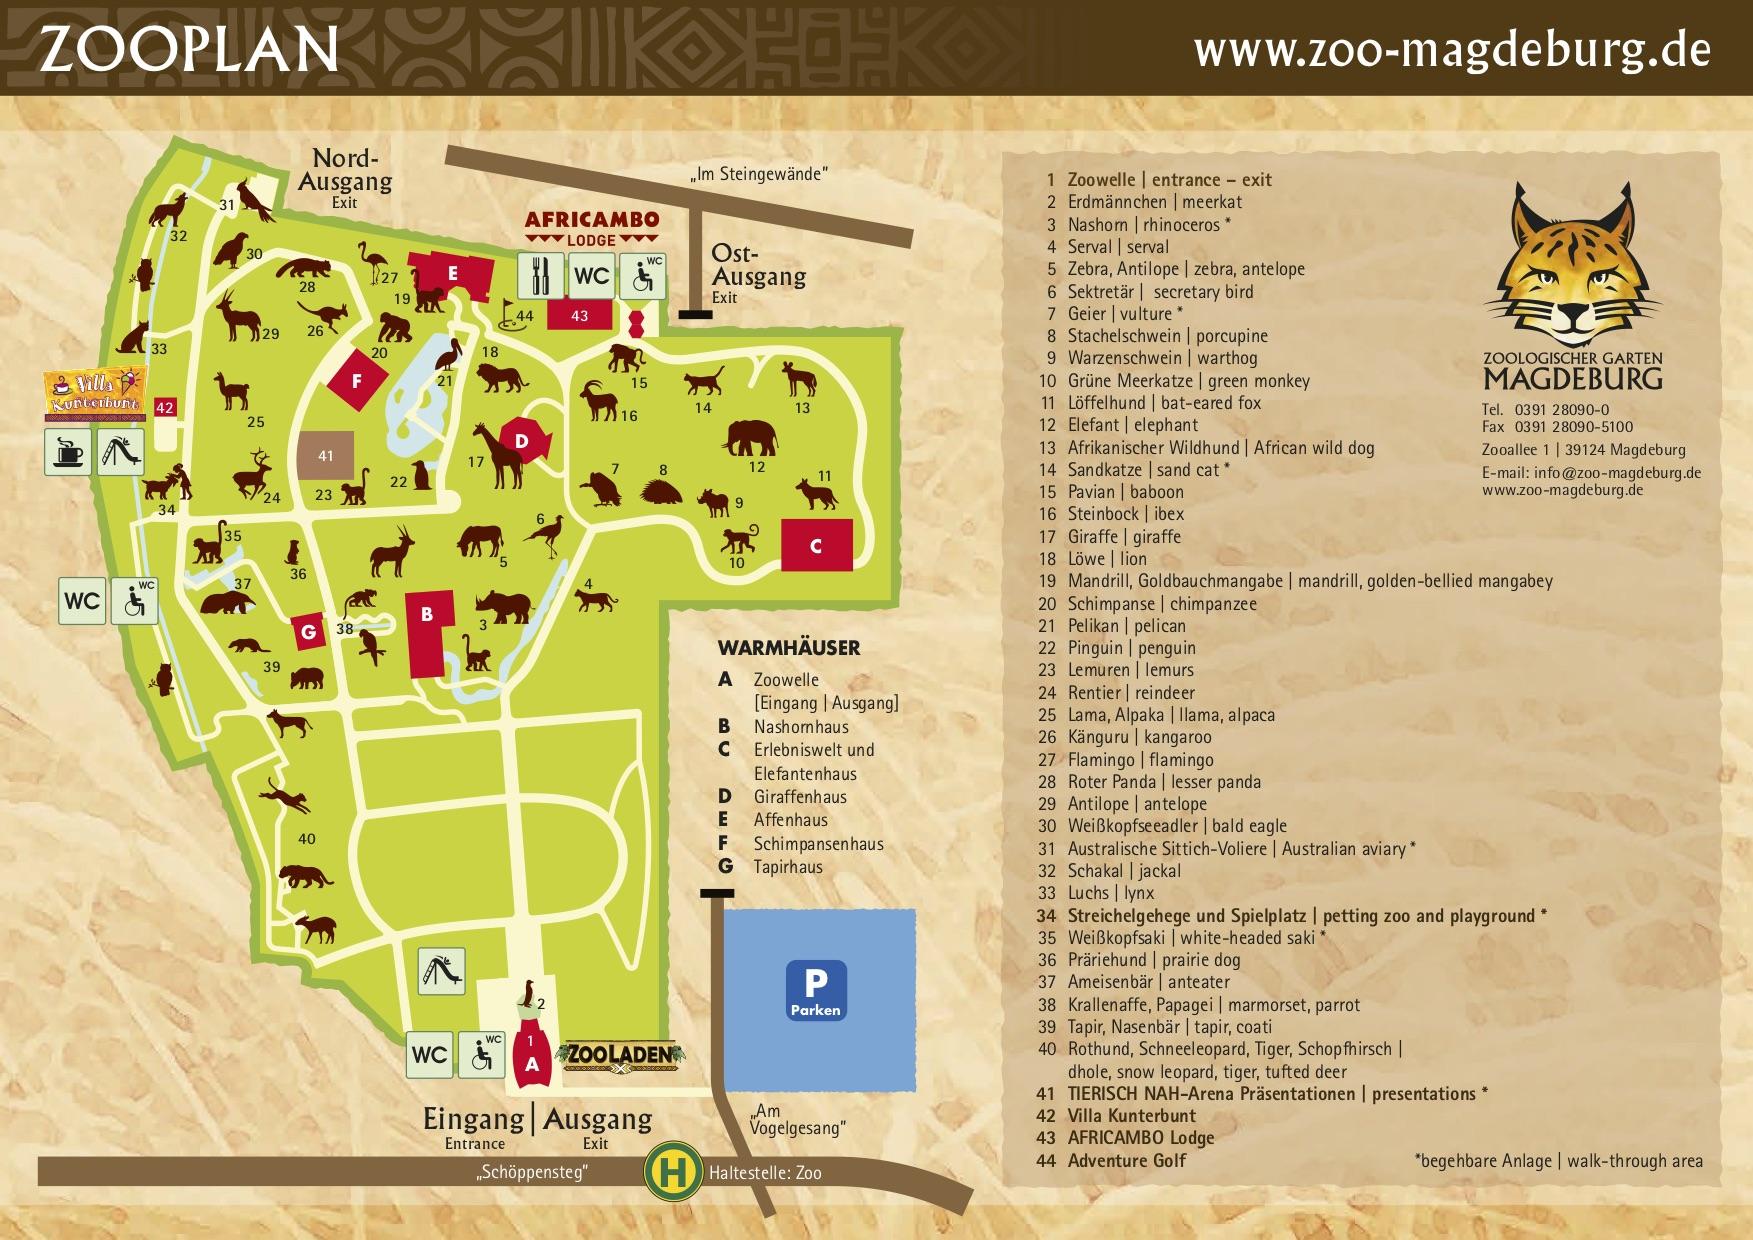 Zoologischer Garten Magdeburg Elegant Anfahrt Lageplan